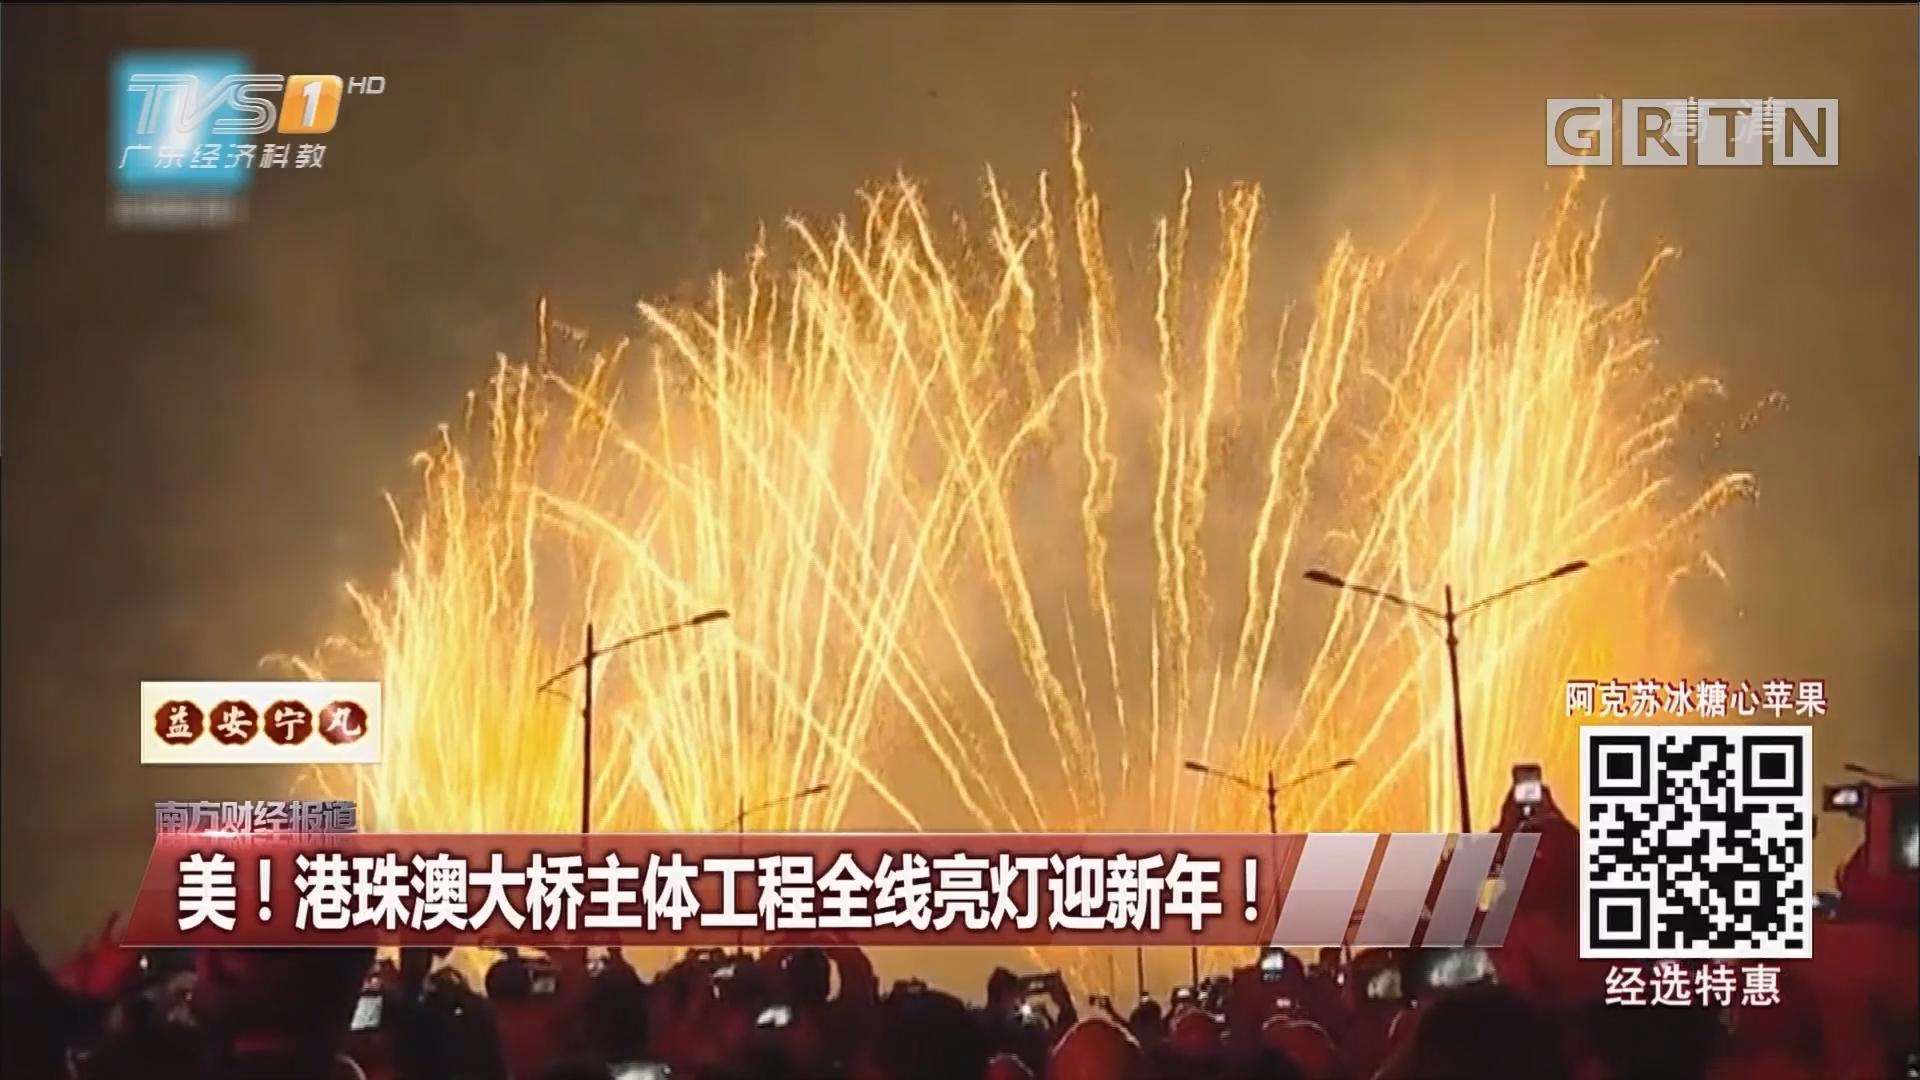 美!港珠澳大桥主体工程全线亮灯迎新年!